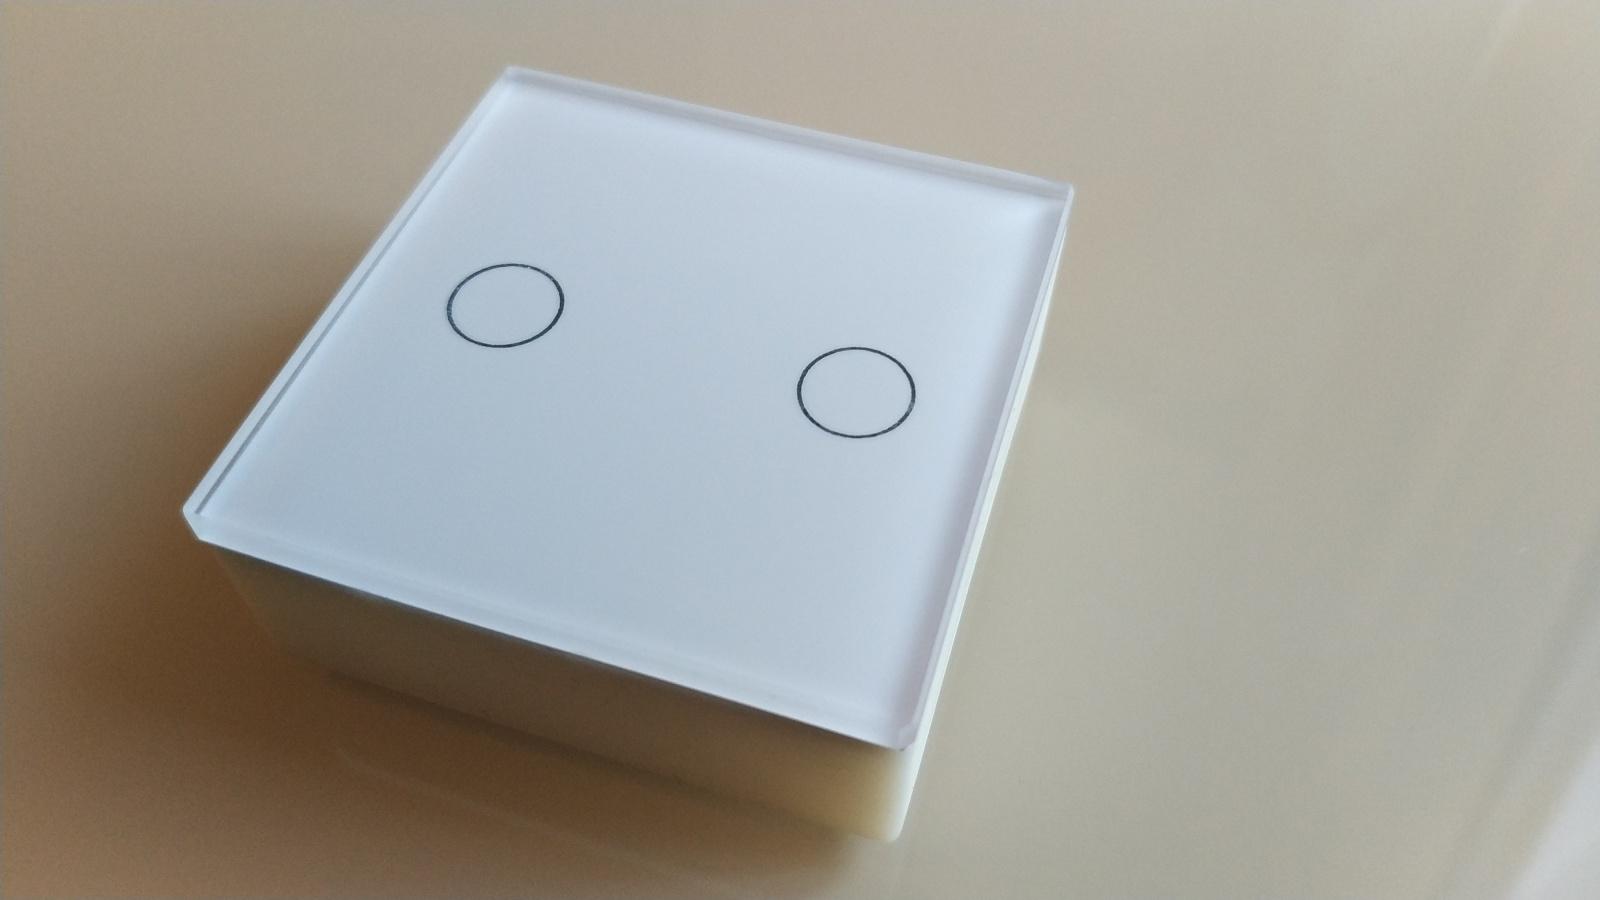 Сенсорный мини выключатель cо стеклянной панелью на nRF52832 - 6